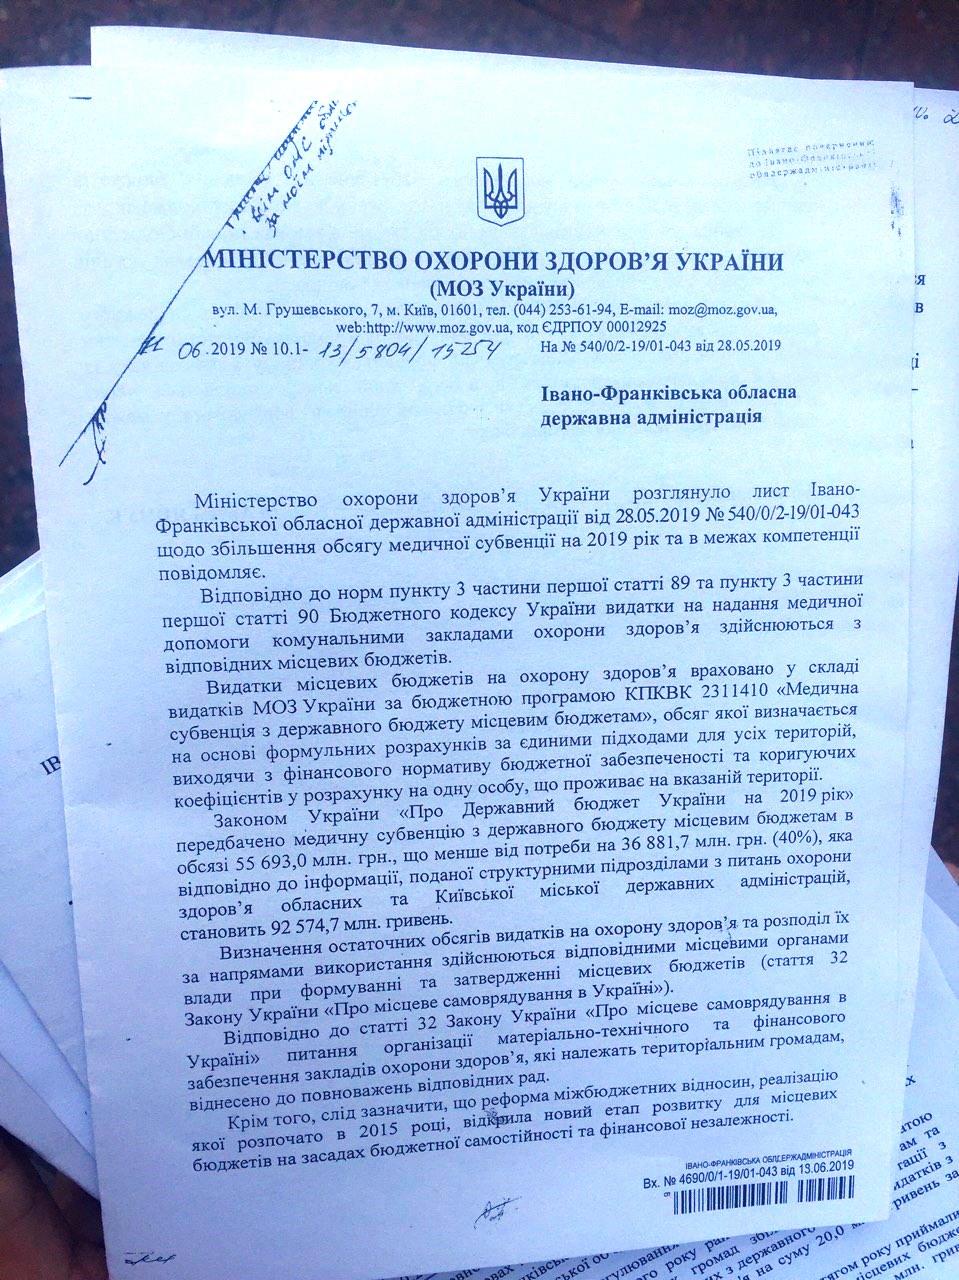 """Олег Атаманюк: """"Ситуація з виплатою зарплат медичним працівникам є катастрофічною"""" 2"""